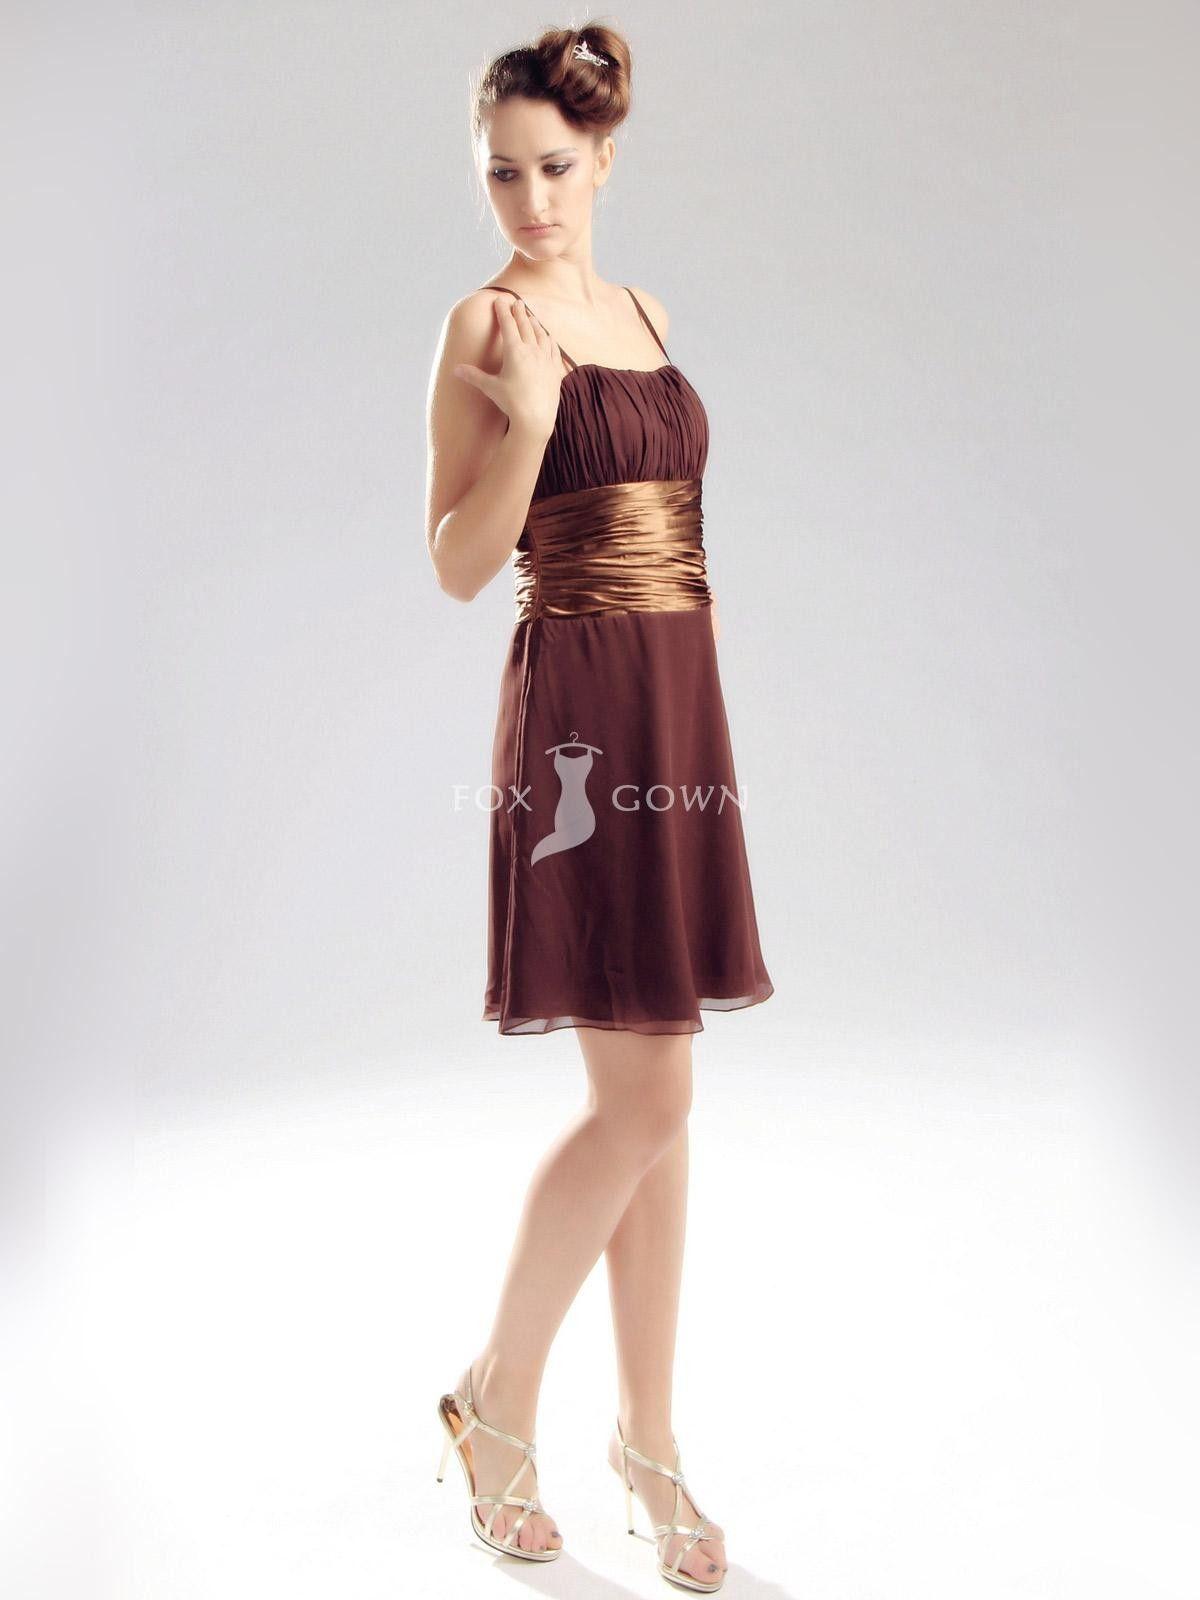 Dunkelbraun Short Cocktail-Kleid mit Gold-Gürtel $195.68 Cocktail ...